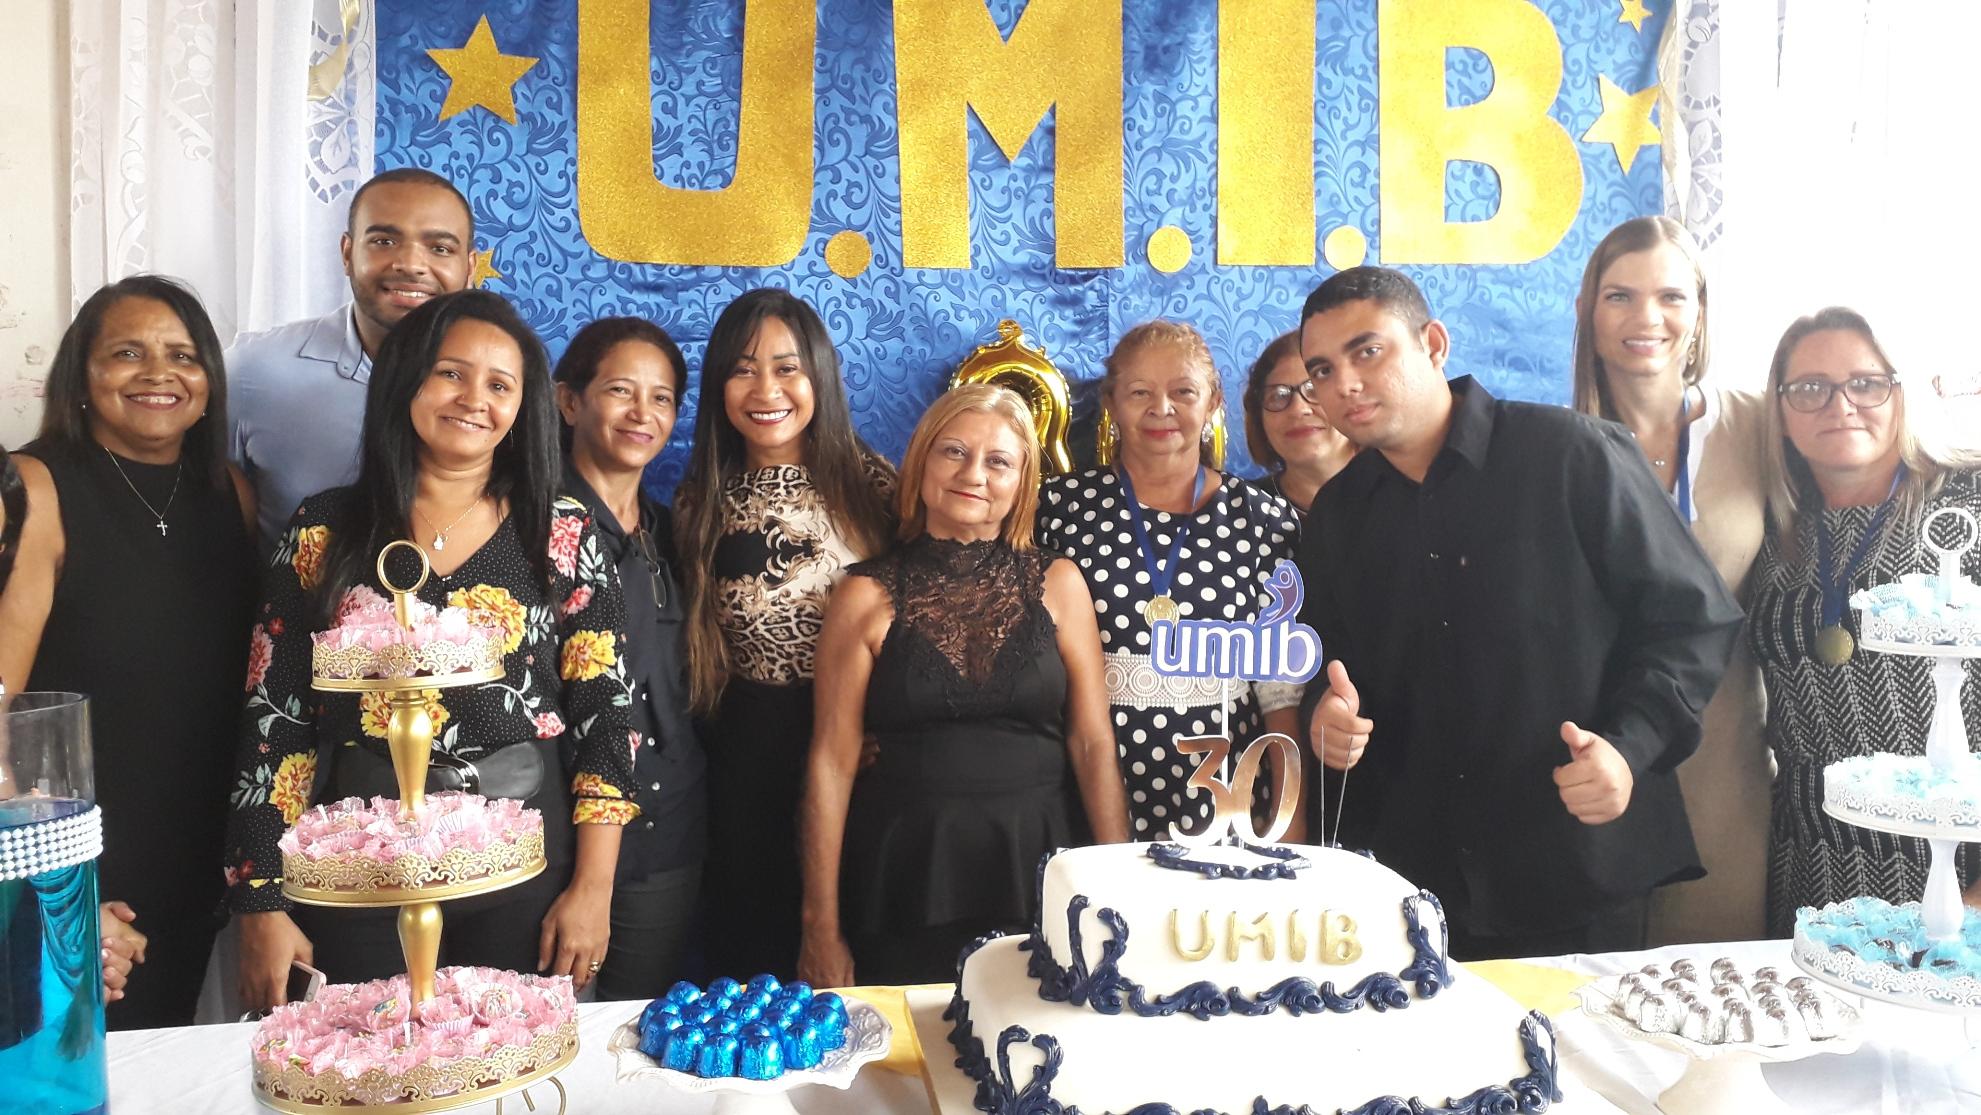 SÃO LUIS / MA – A comemoração alusiva aos 30 anos da UMIB – Unidade Mista Itaqui Bacanga .